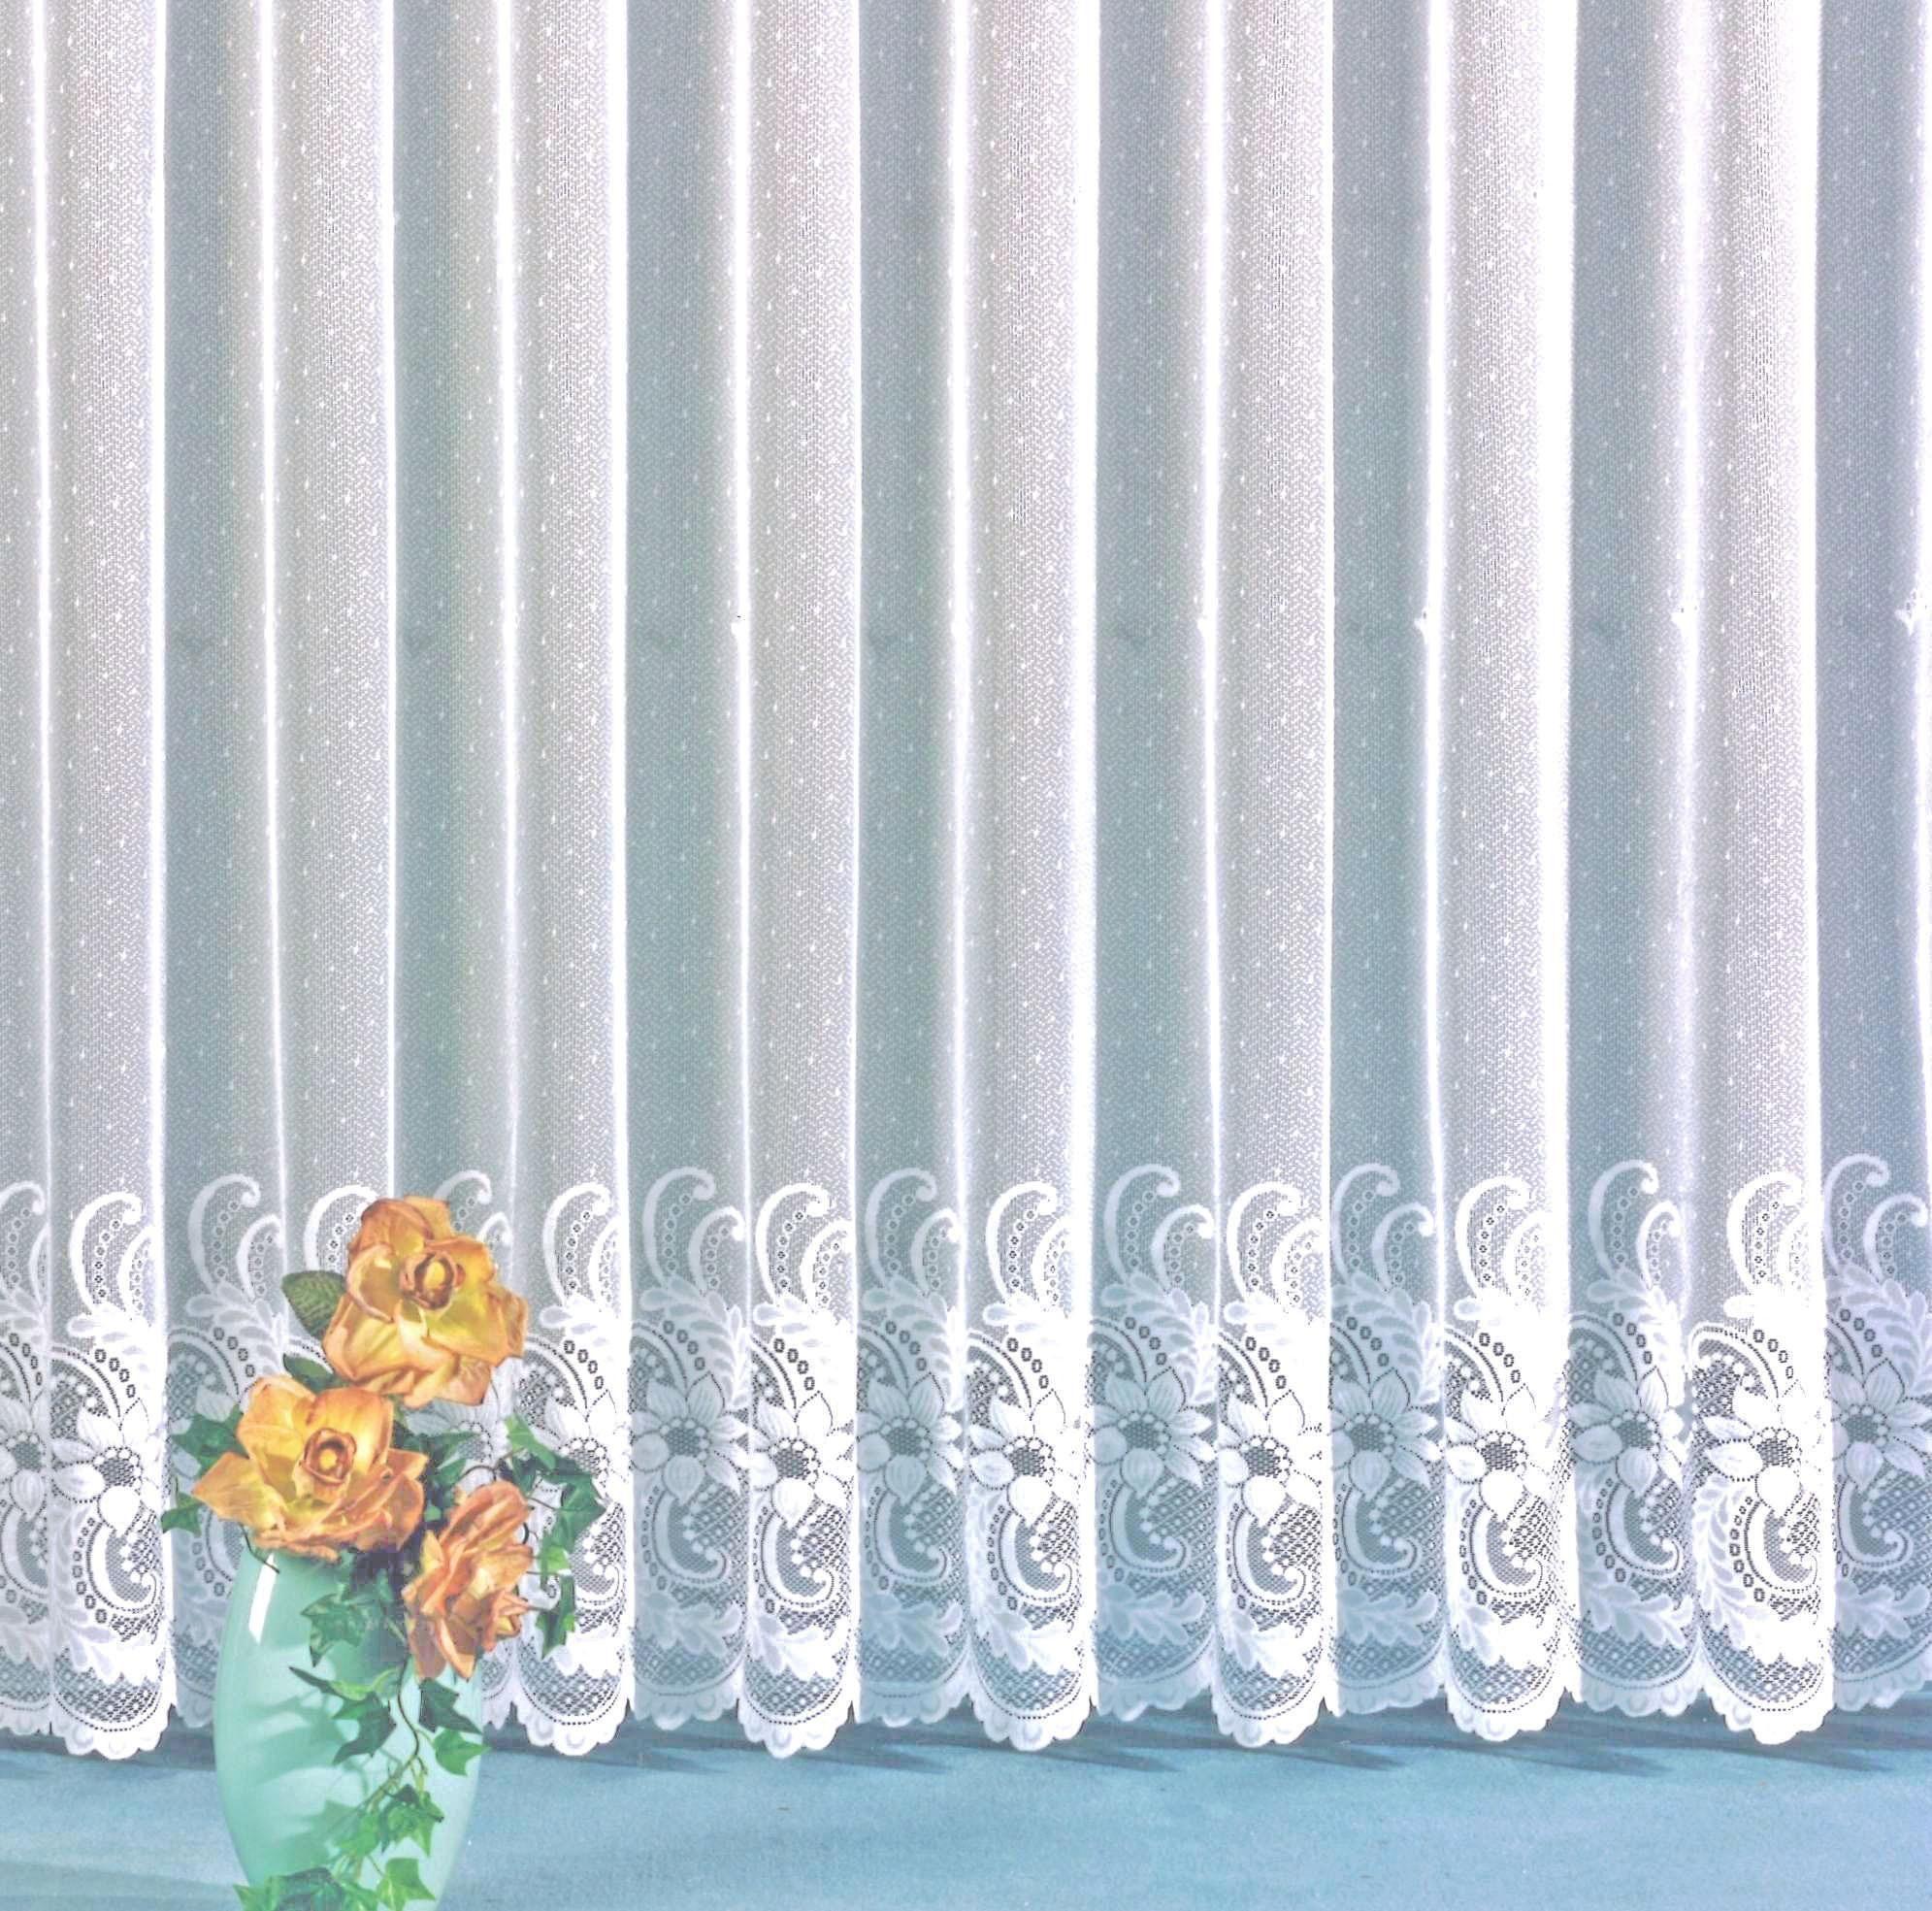 Full Size of Kche Gardinen Kruselband 40 Crystal 4mm Swarovski Kristall Barhocker Küche Einbauküche Nobilia Türkis Für Schlafzimmer Beistelltisch Mintgrün Wohnzimmer Küche Gardine